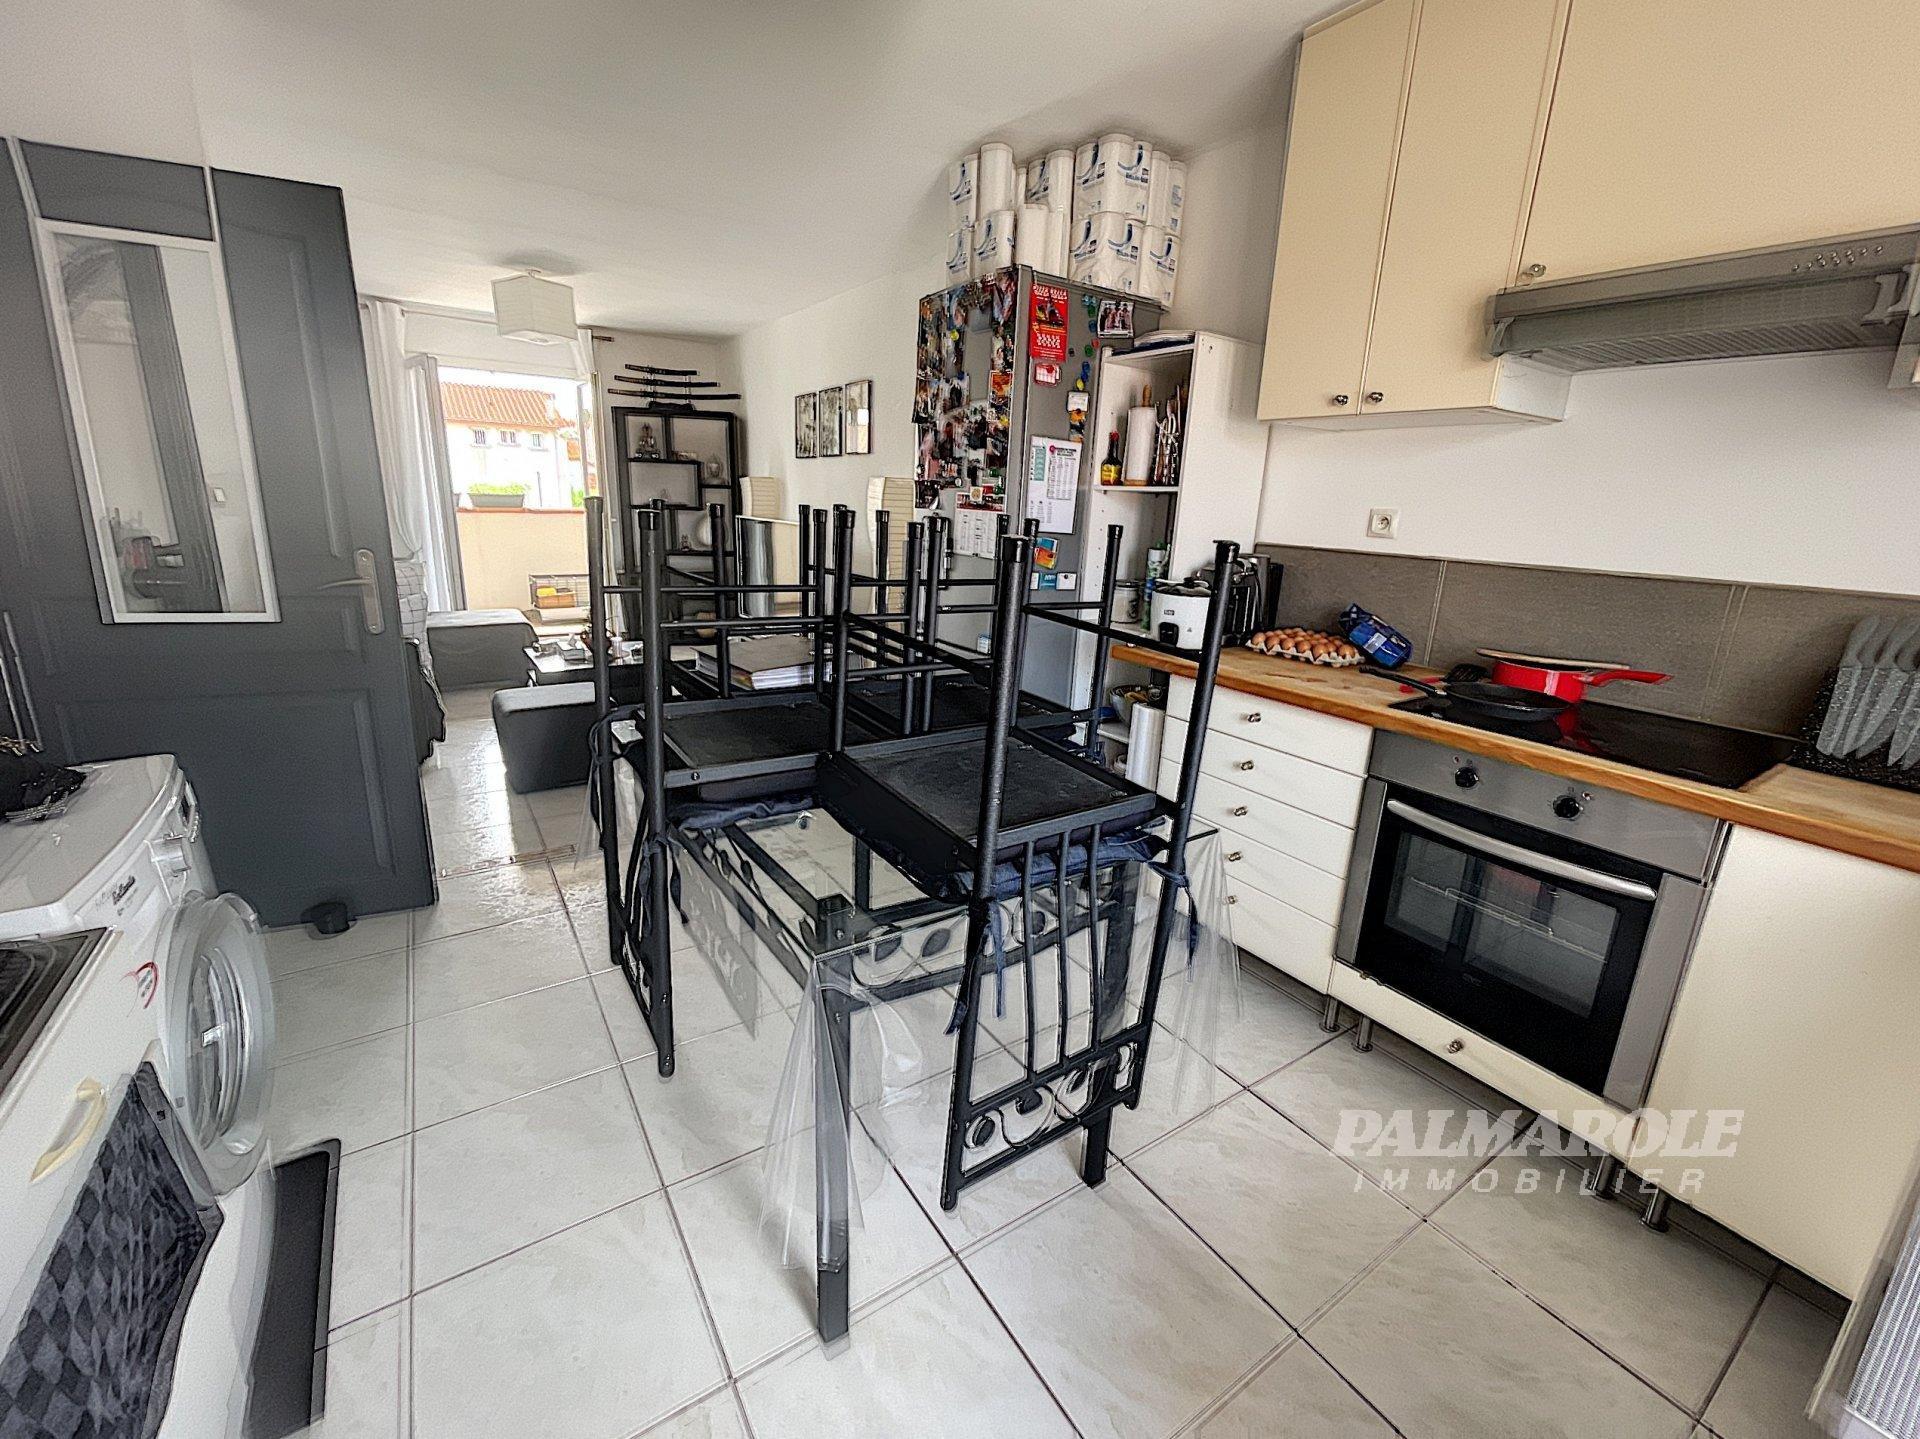 Perpignan les platanes , maison composée de 2 appartements